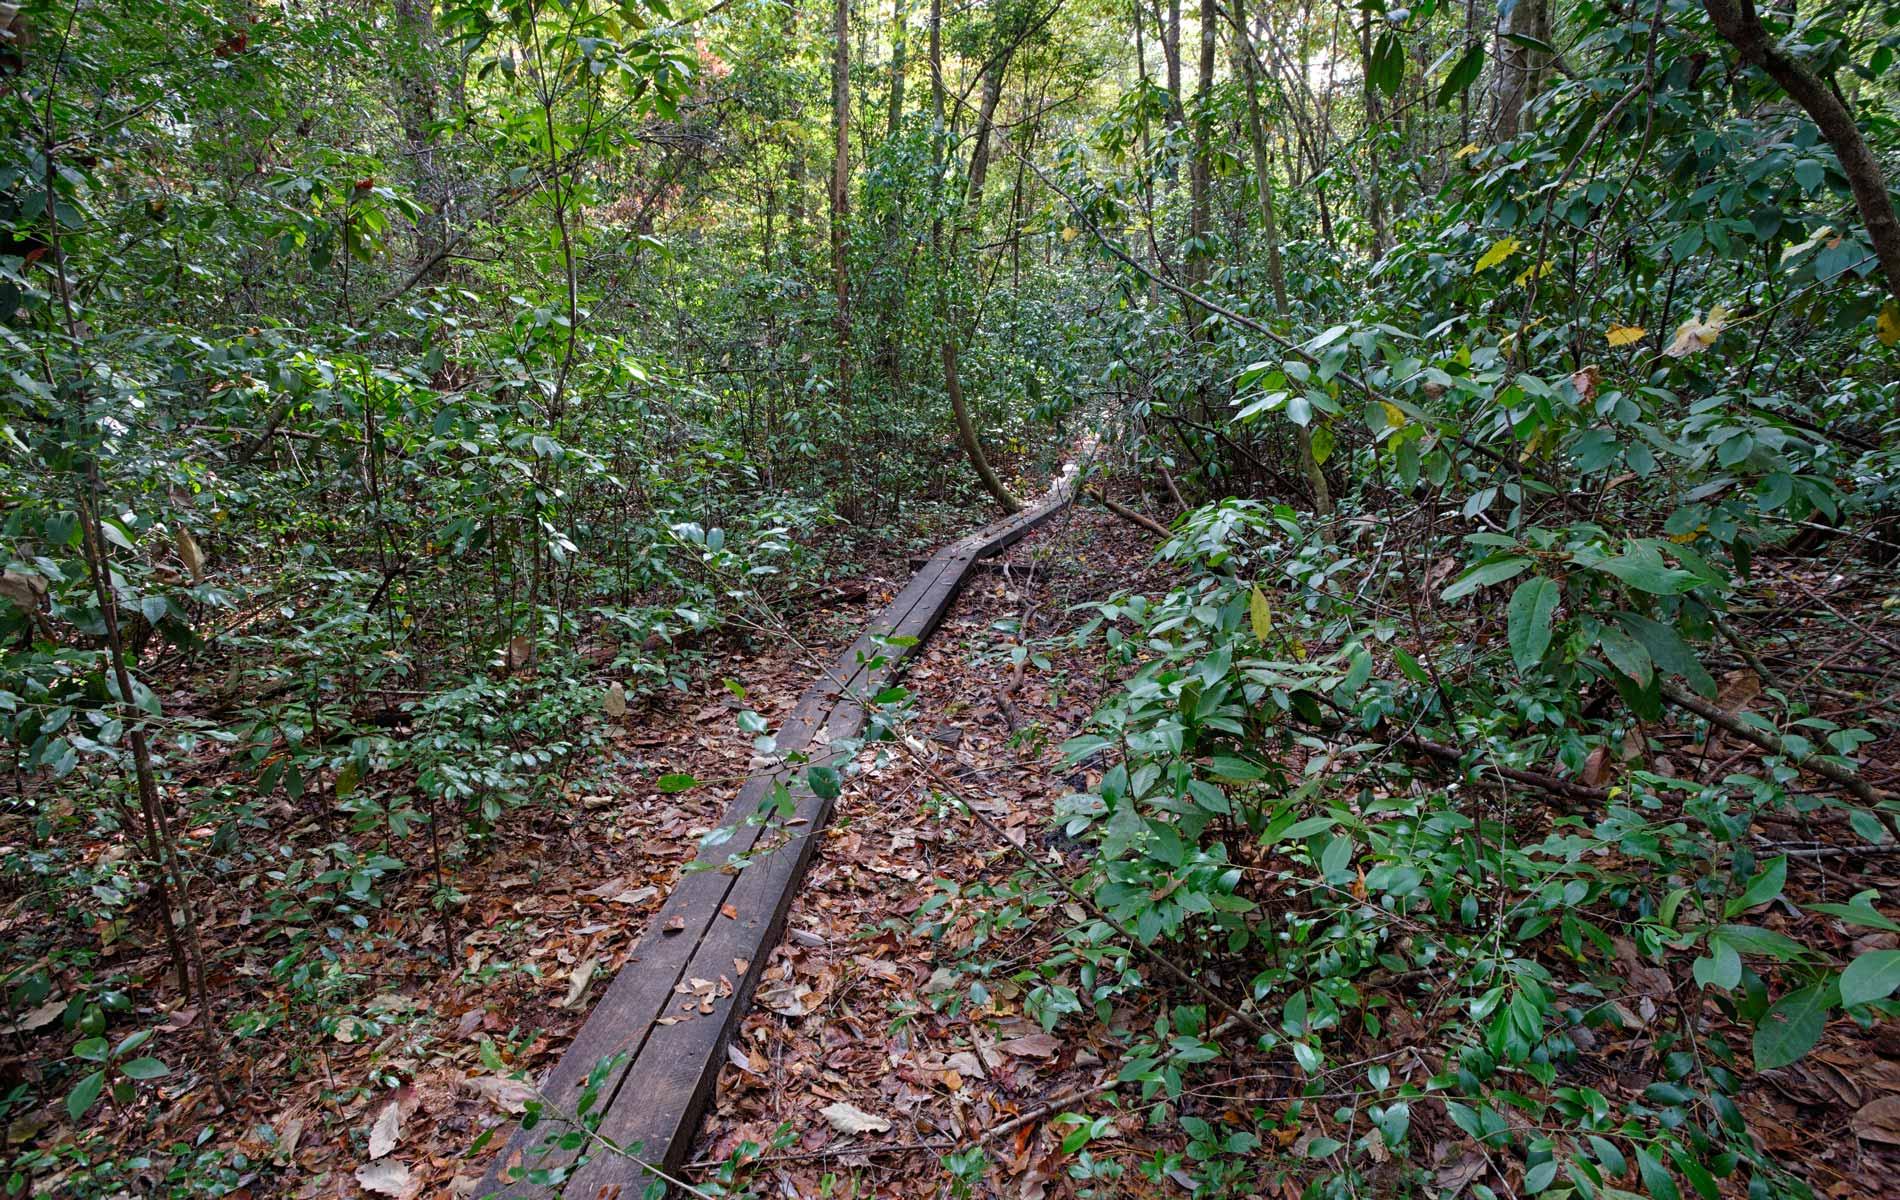 vie-magazine-florida-trail